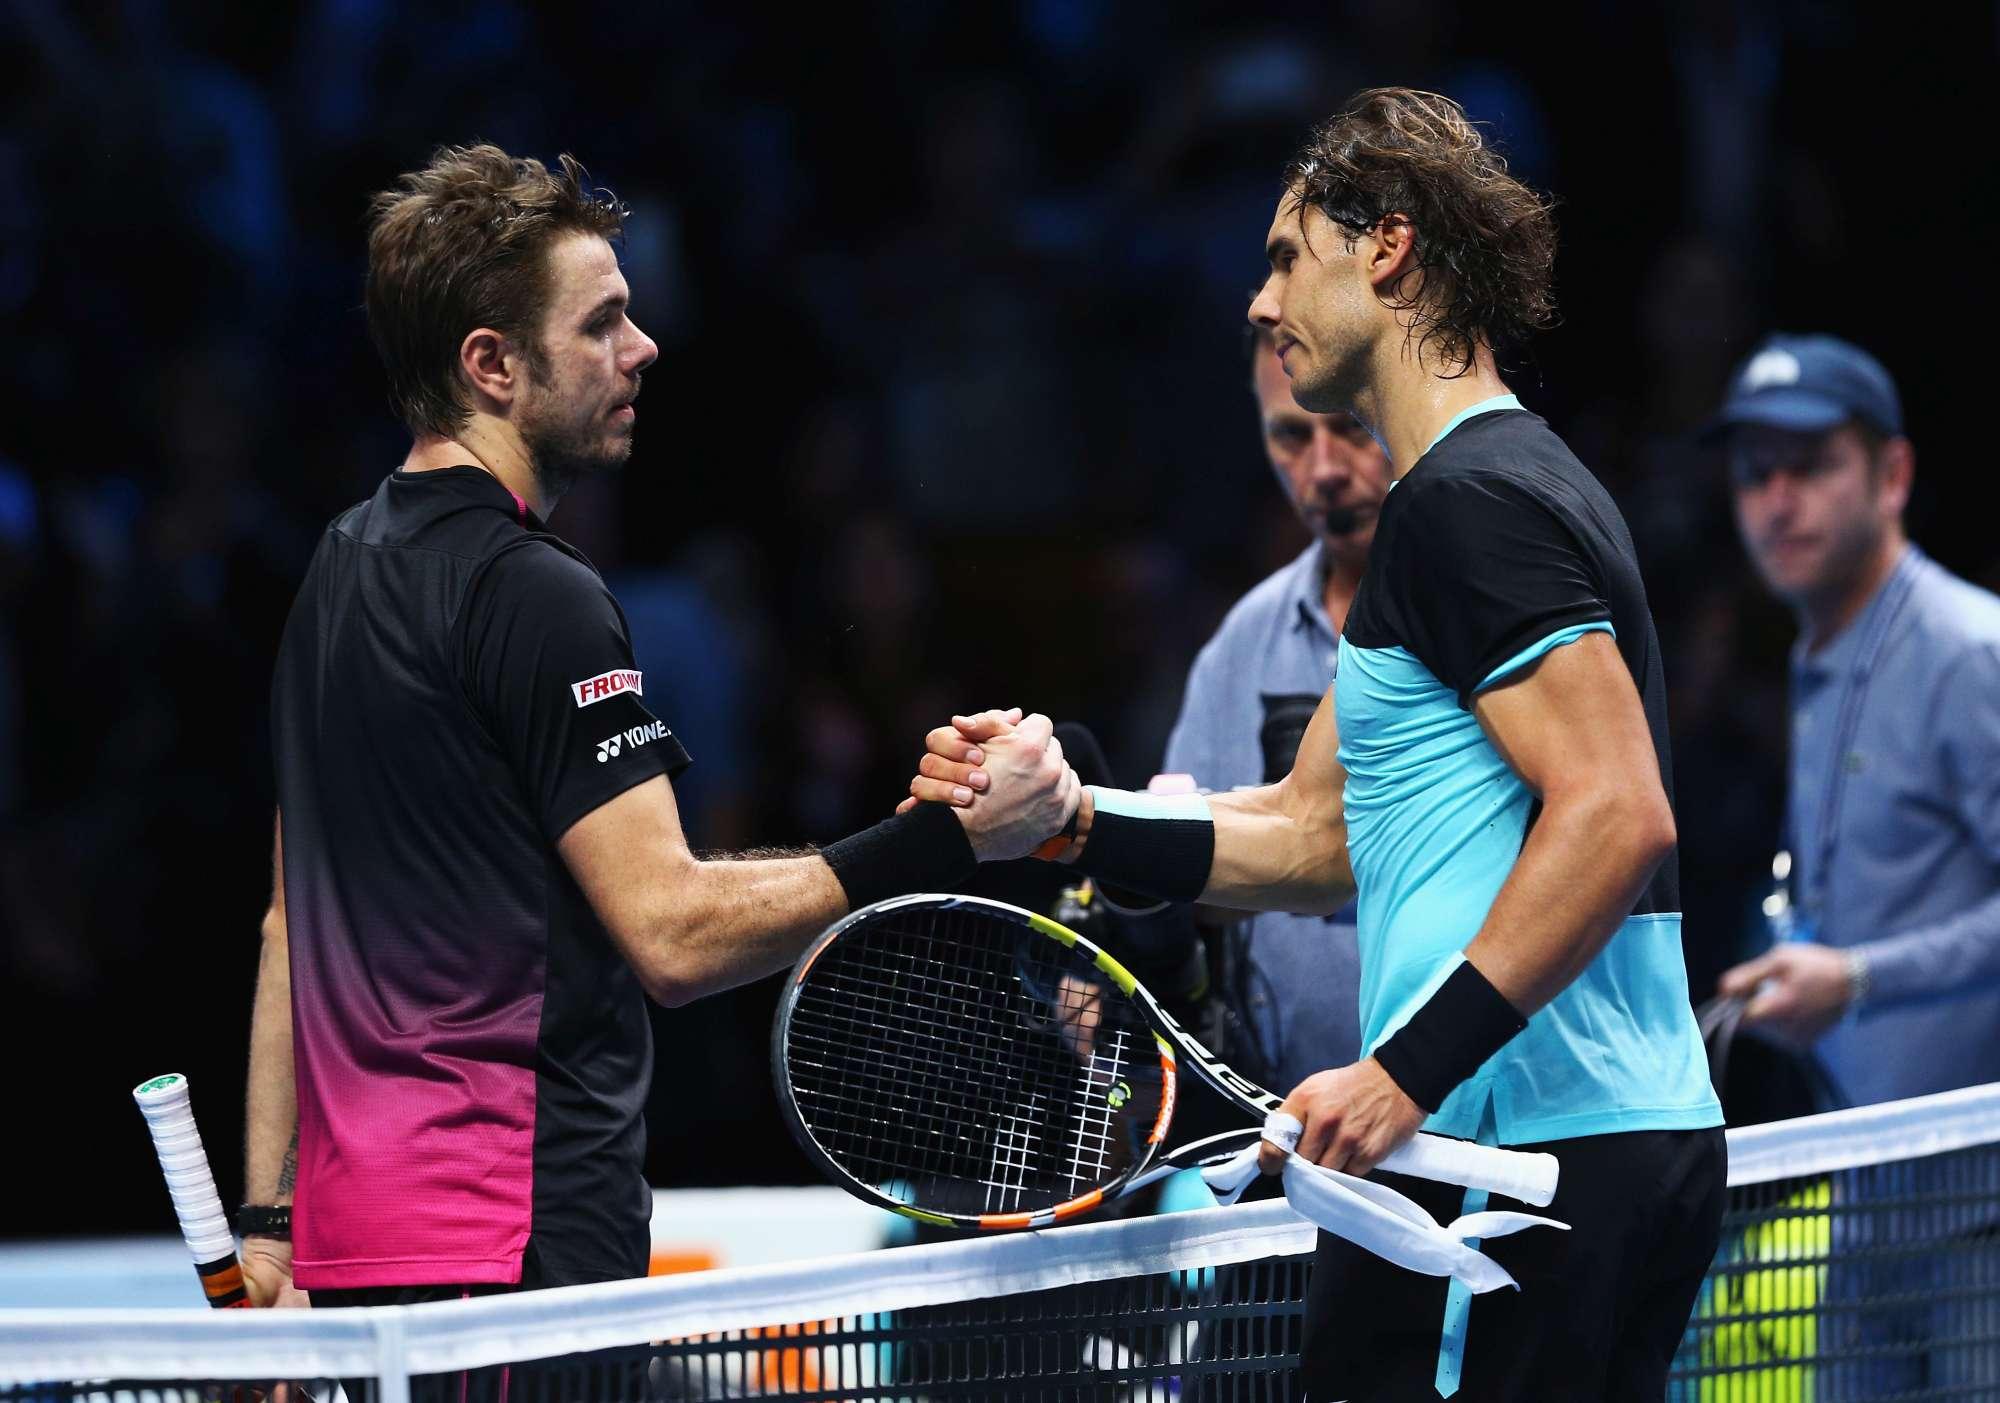 Nadal e Wawrinka dopo il match alle Finals di qualche giorno fa